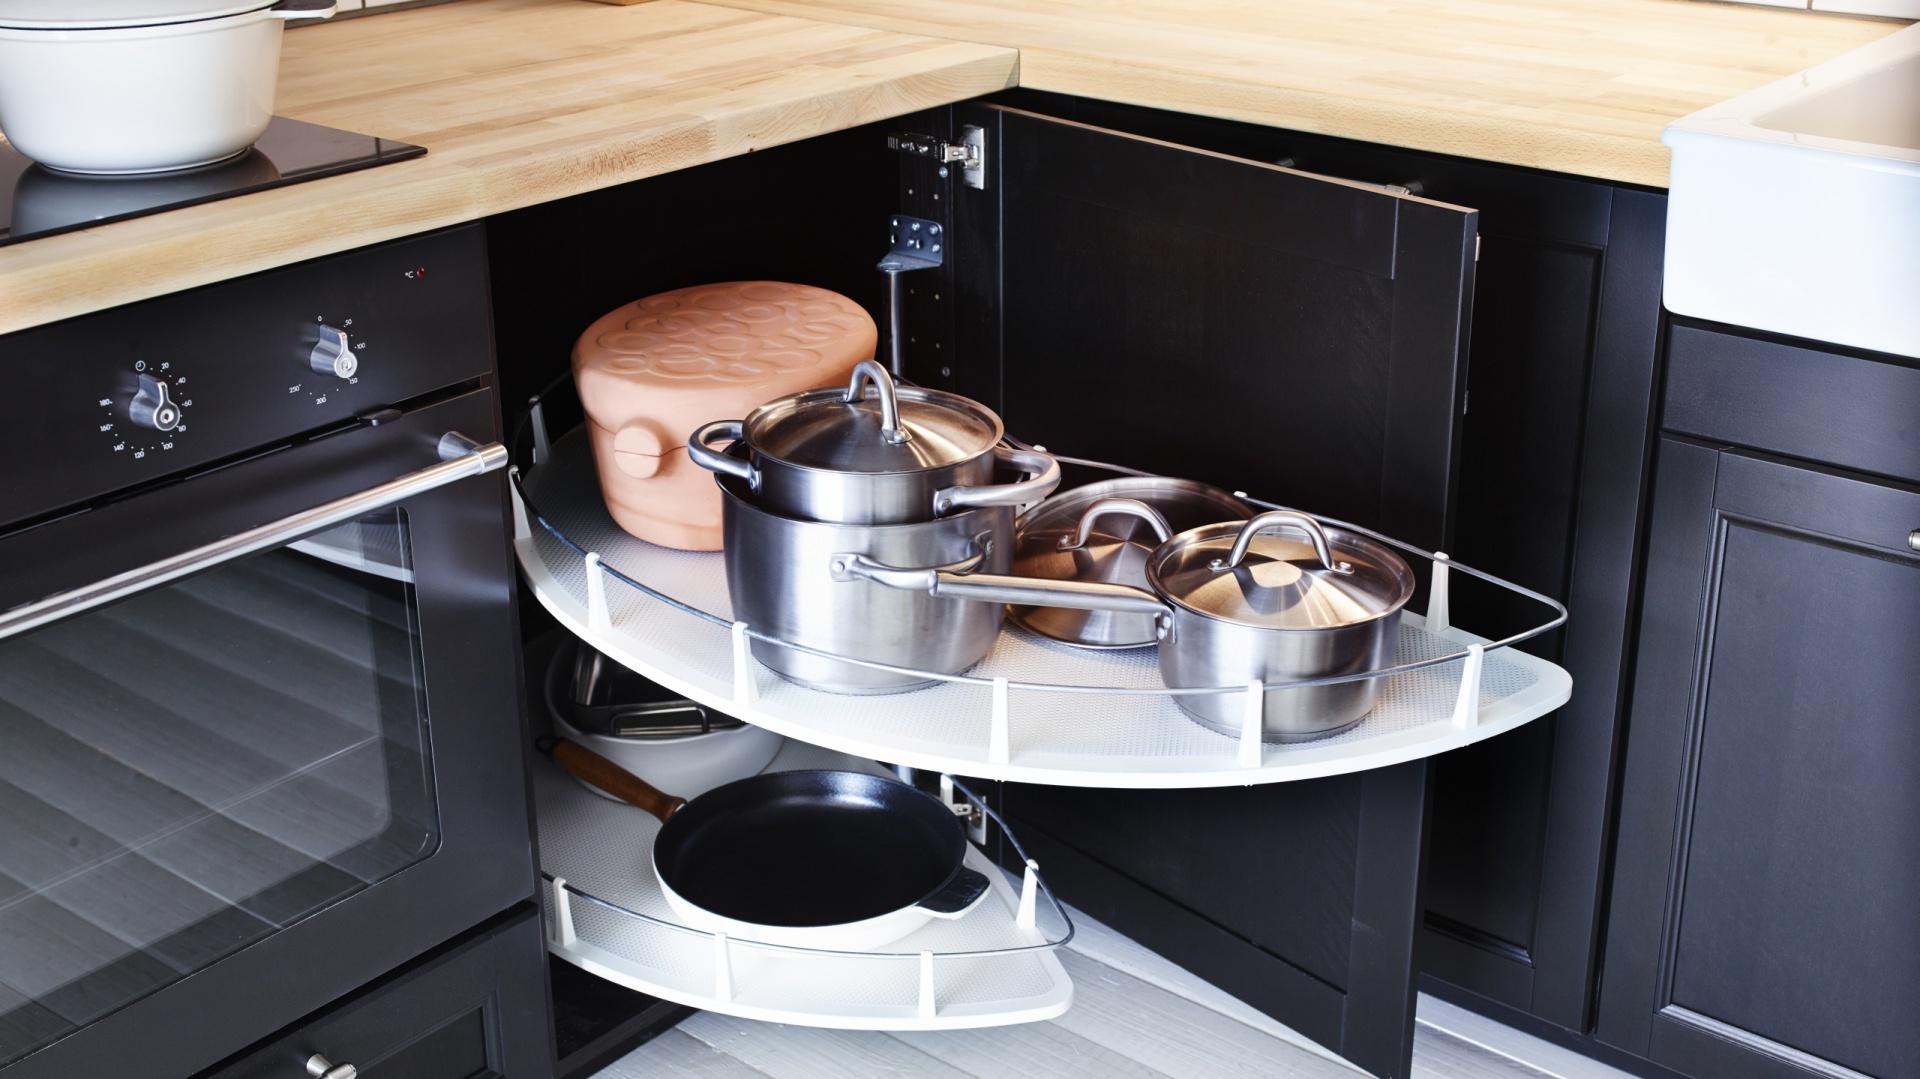 Przechowywanie W Kuchni Pomysly Na Szafki Narozne